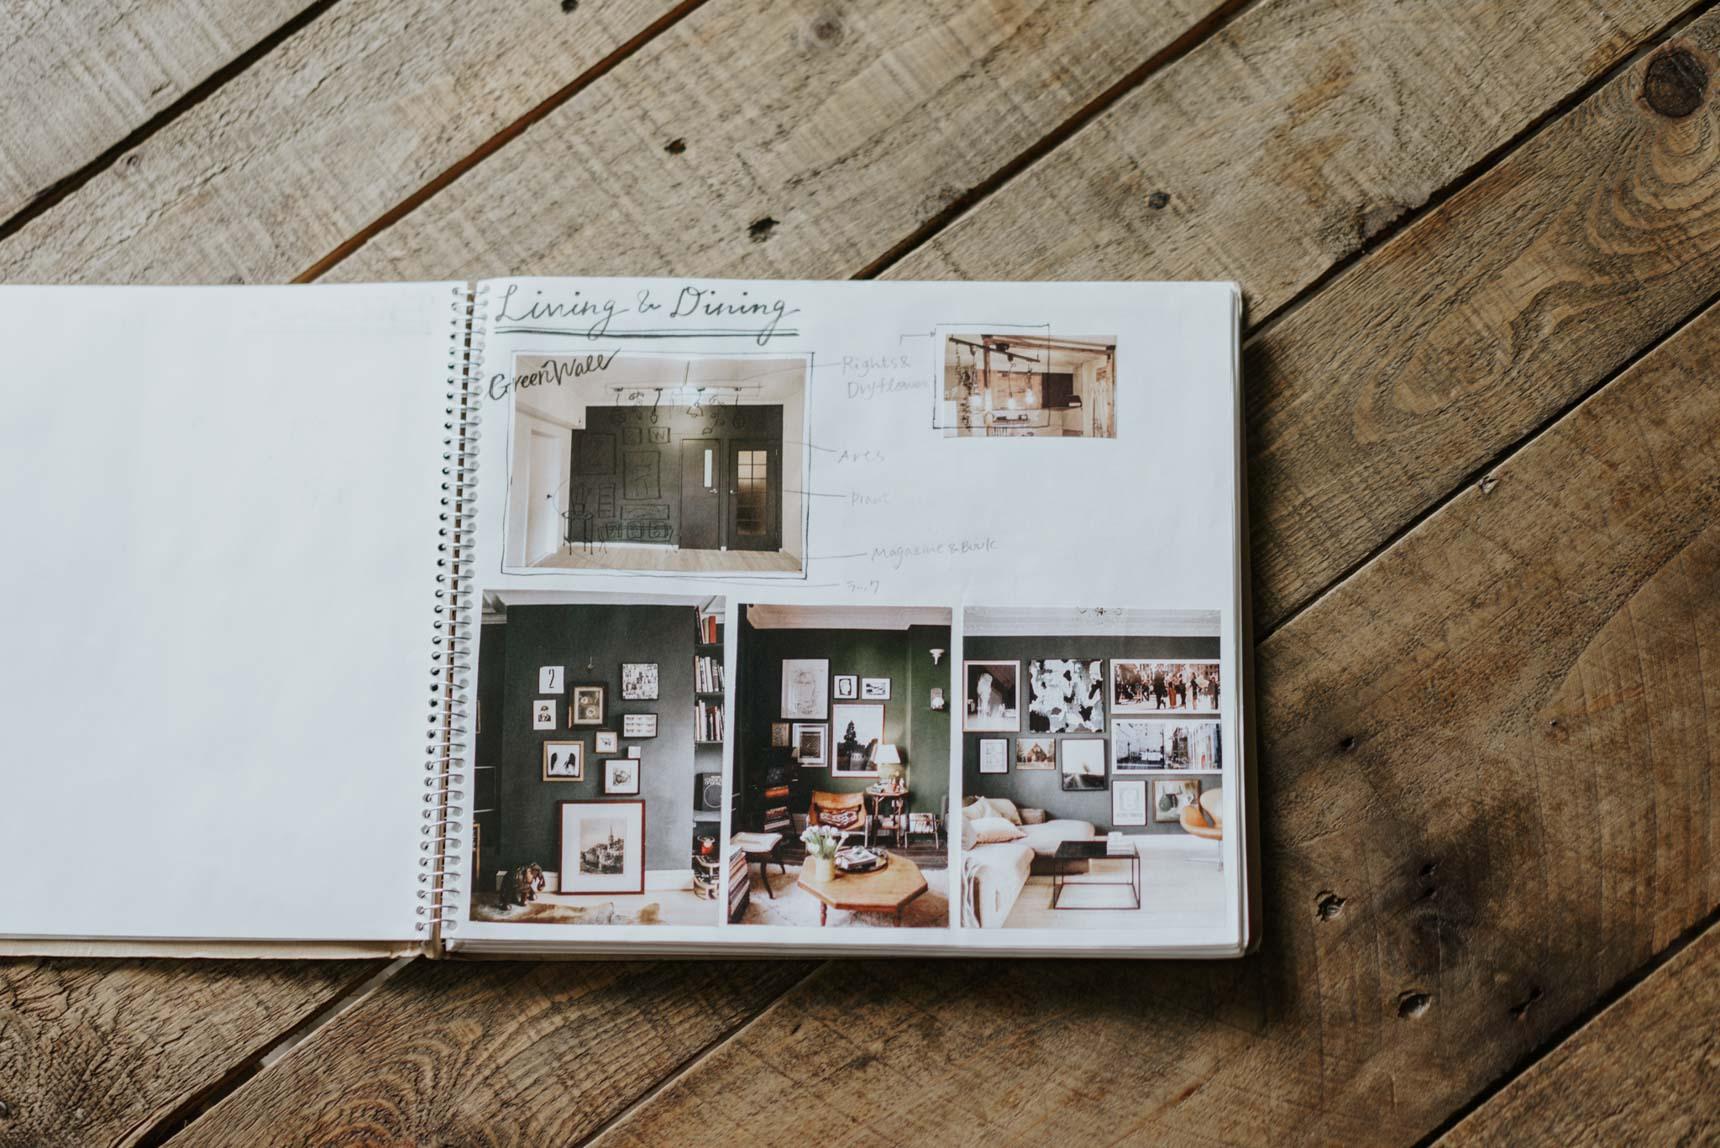 「緑の壁」に合うインテリアの参考イメージなど、たくさんのアイディアが詰まったノートになっていました。